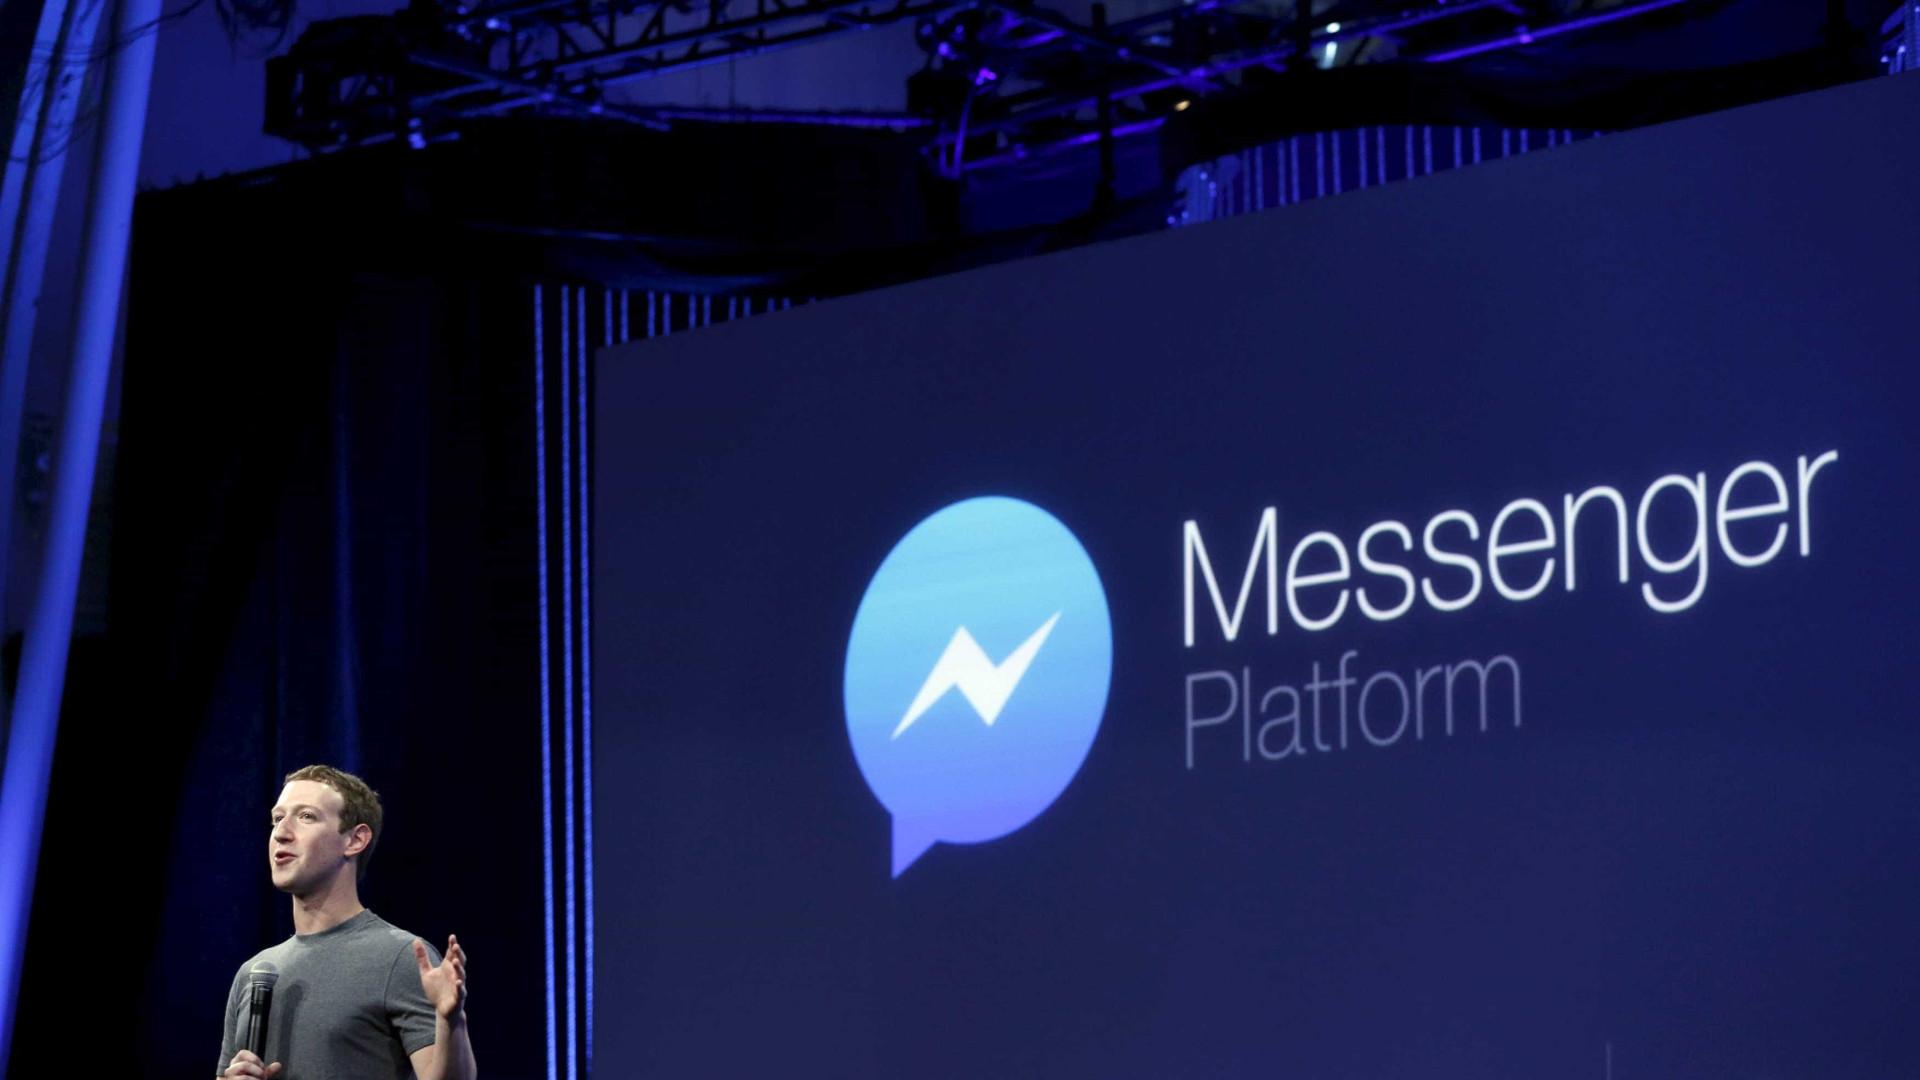 Novidades que tornarão o Messenger ainda melhor